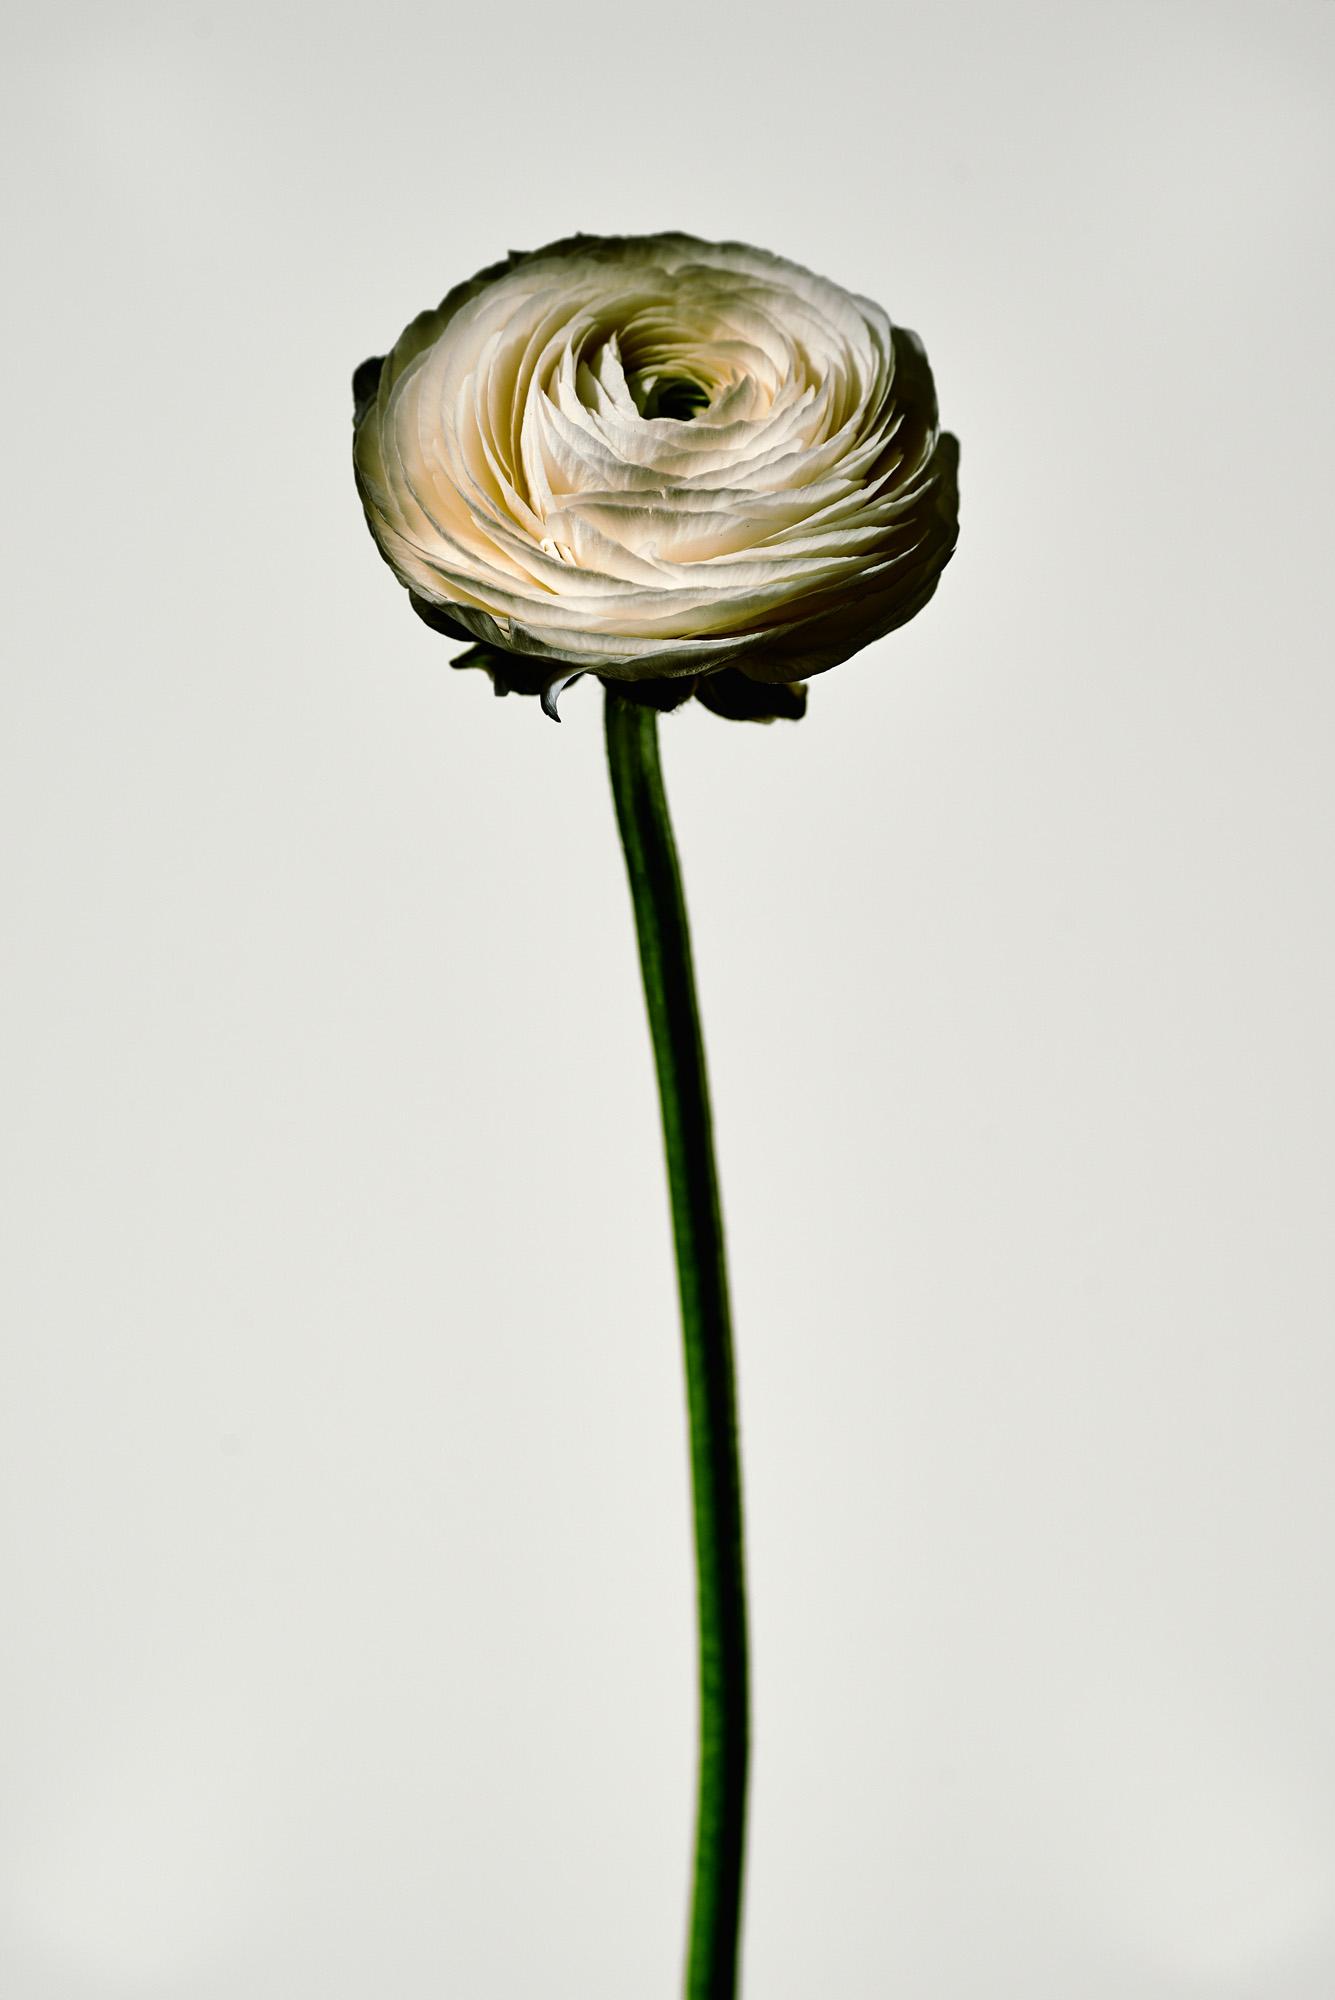 ThingsIlikeonwhite_flowers0537.jpg